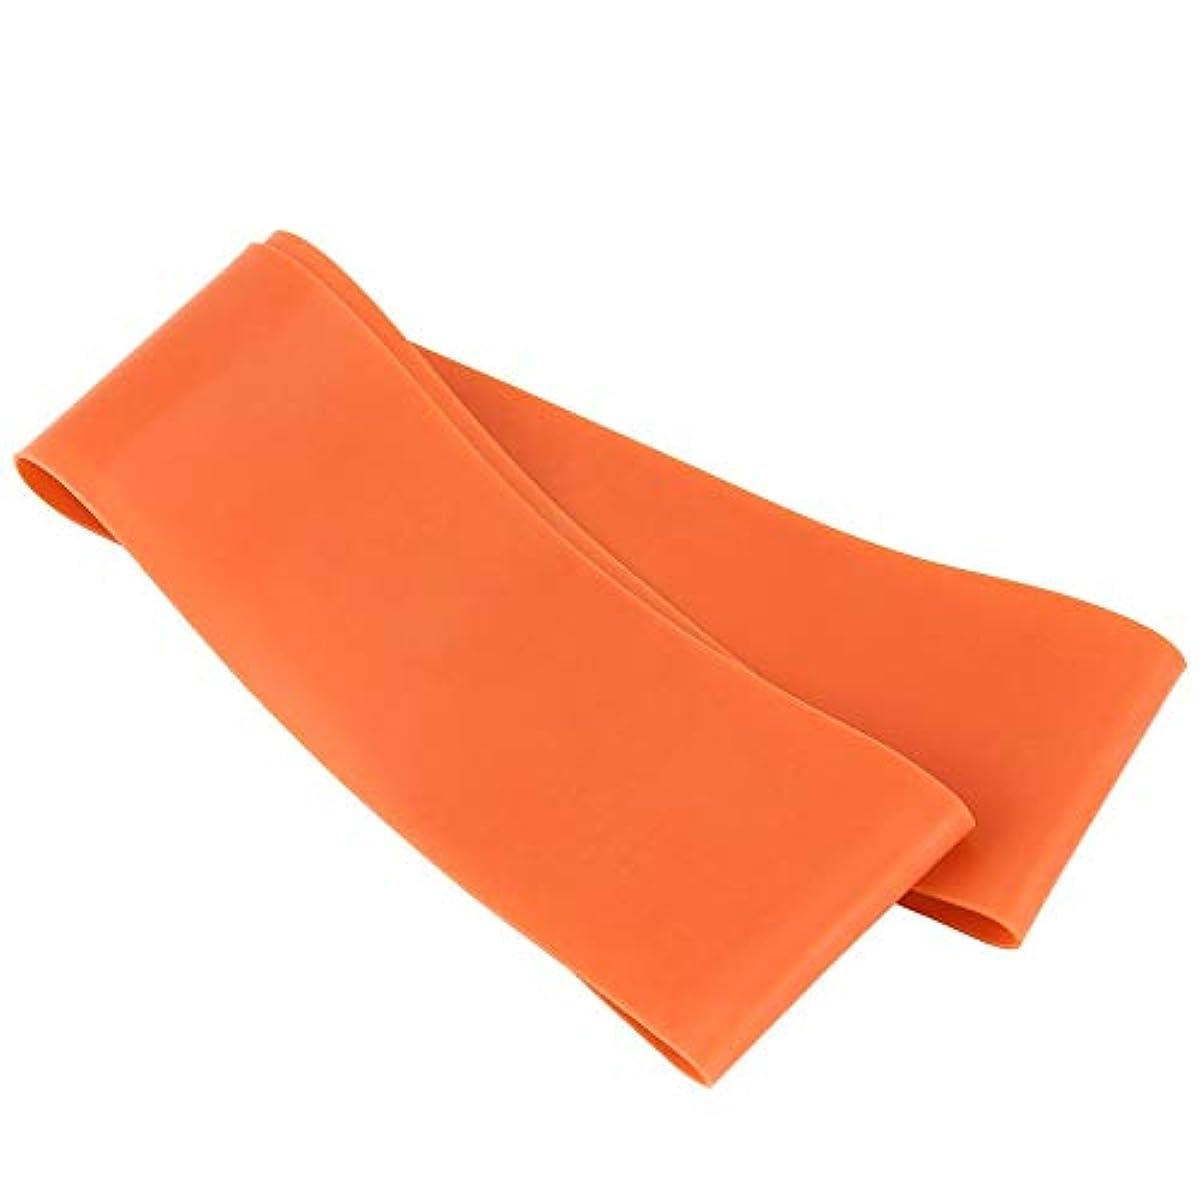 定義するタップ成熟滑り止めの伸縮性のあるゴム製伸縮性がある伸縮性があるヨガベルトバンド引きロープの張力抵抗バンドループ強度のためのフィットネスヨガツール - オレンジ